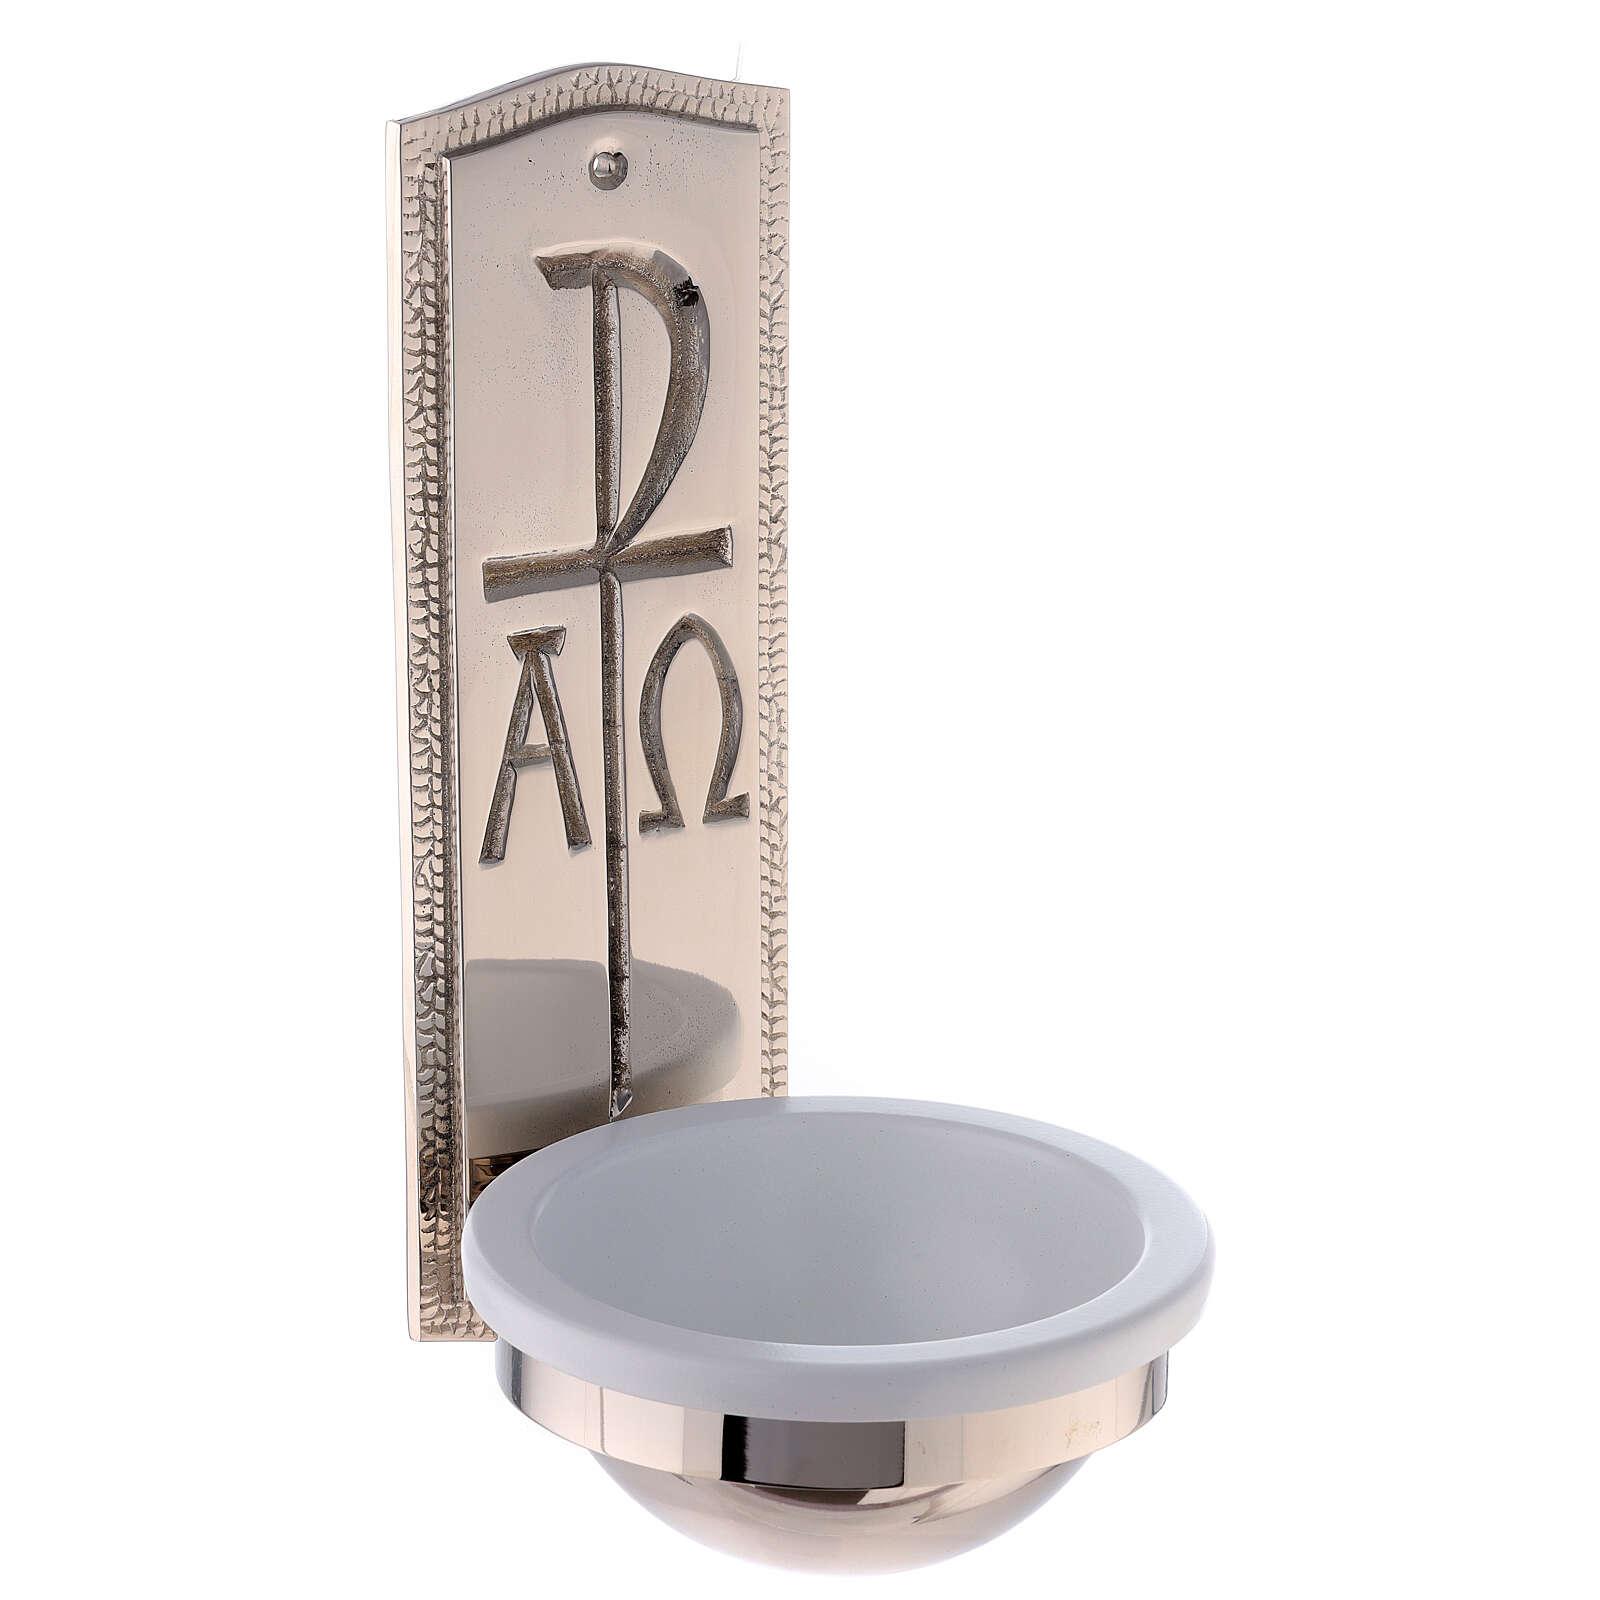 Pila XP Alfa Omega latón niquelado 25 cm 4